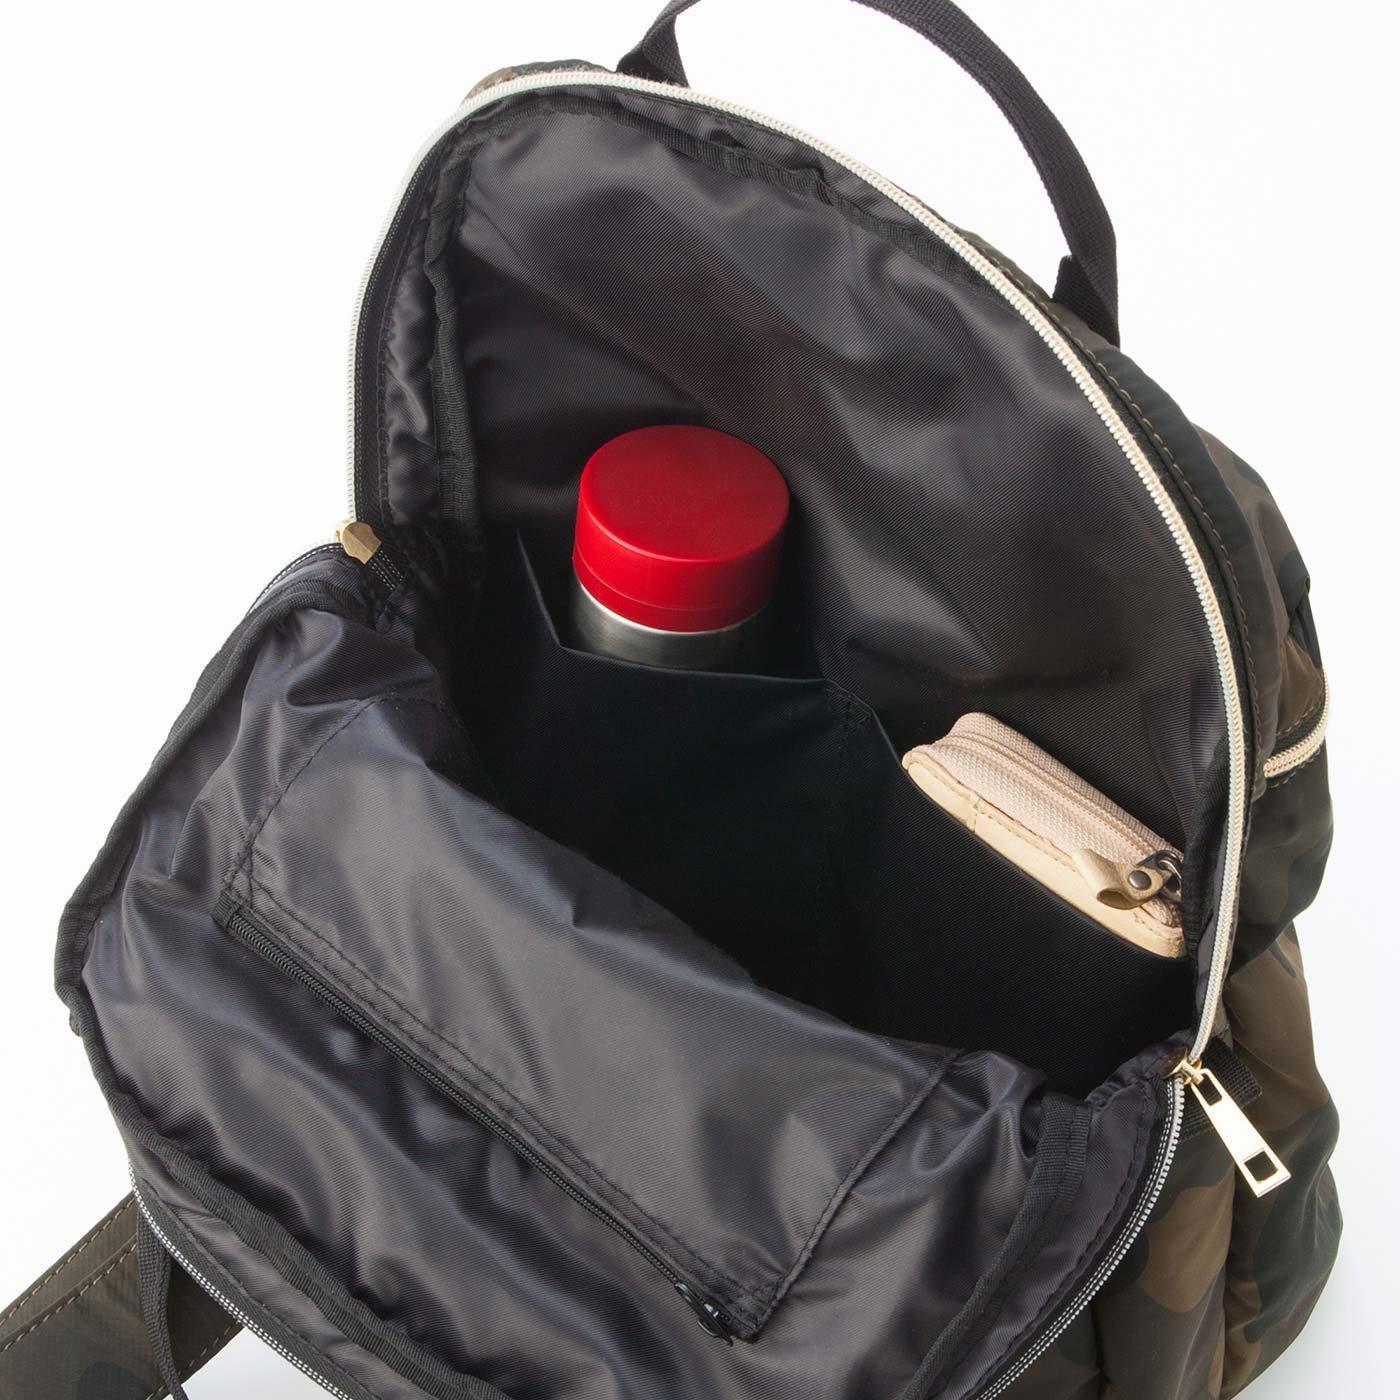 内側には、仕切りポケット&ファスナーポケット付き。